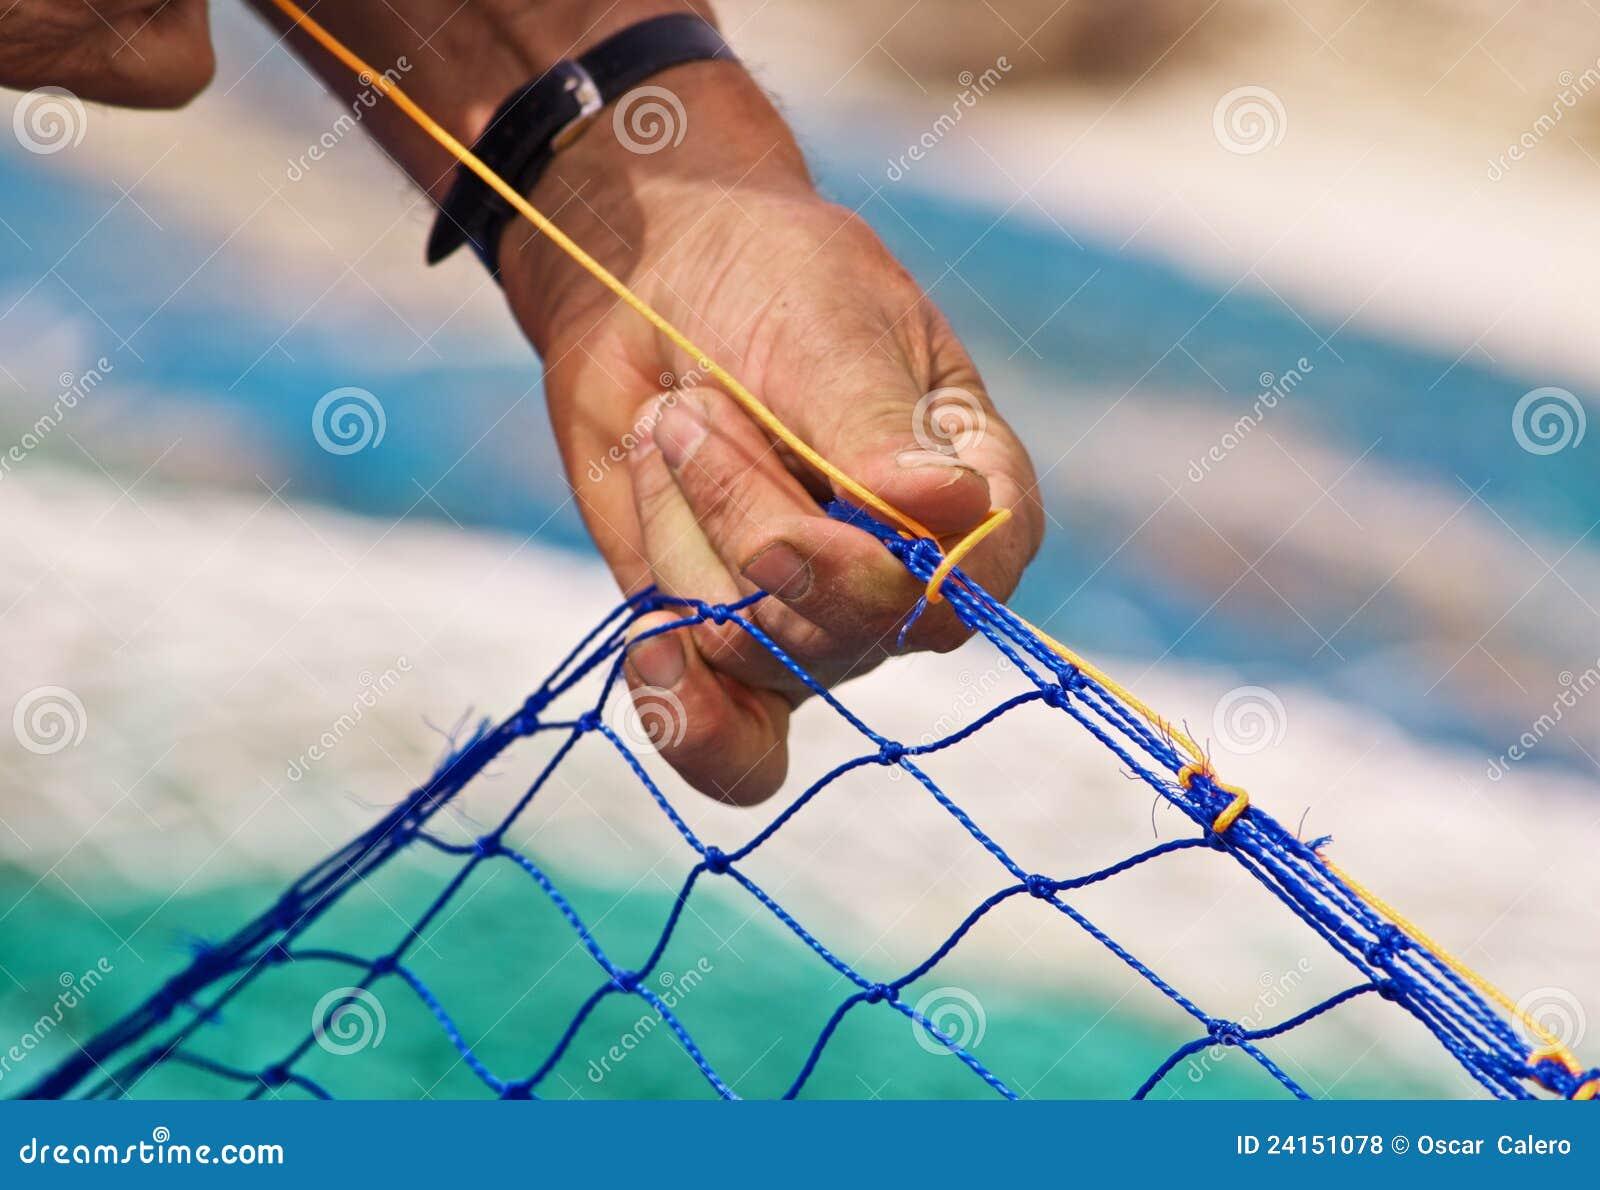 Rete da pesca di cucito fotografia stock immagine di - Rete da pesca per decorazioni ...